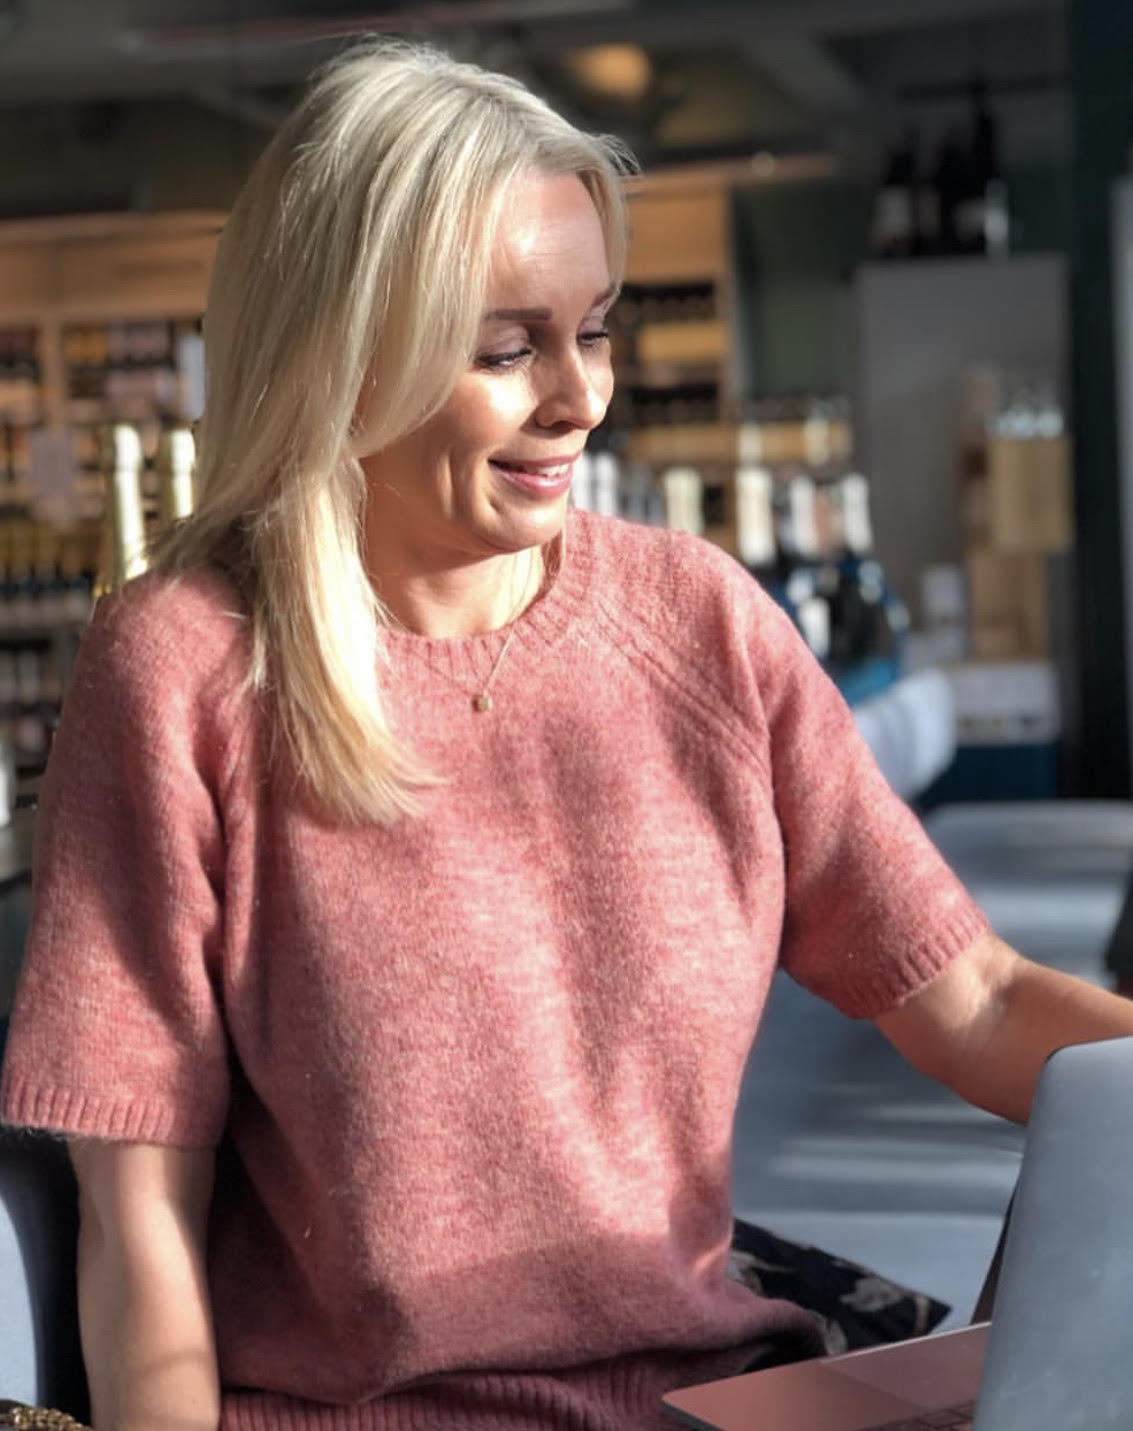 blogge, første blogindlæg, 40+ år, blogger, arbejde som blogger